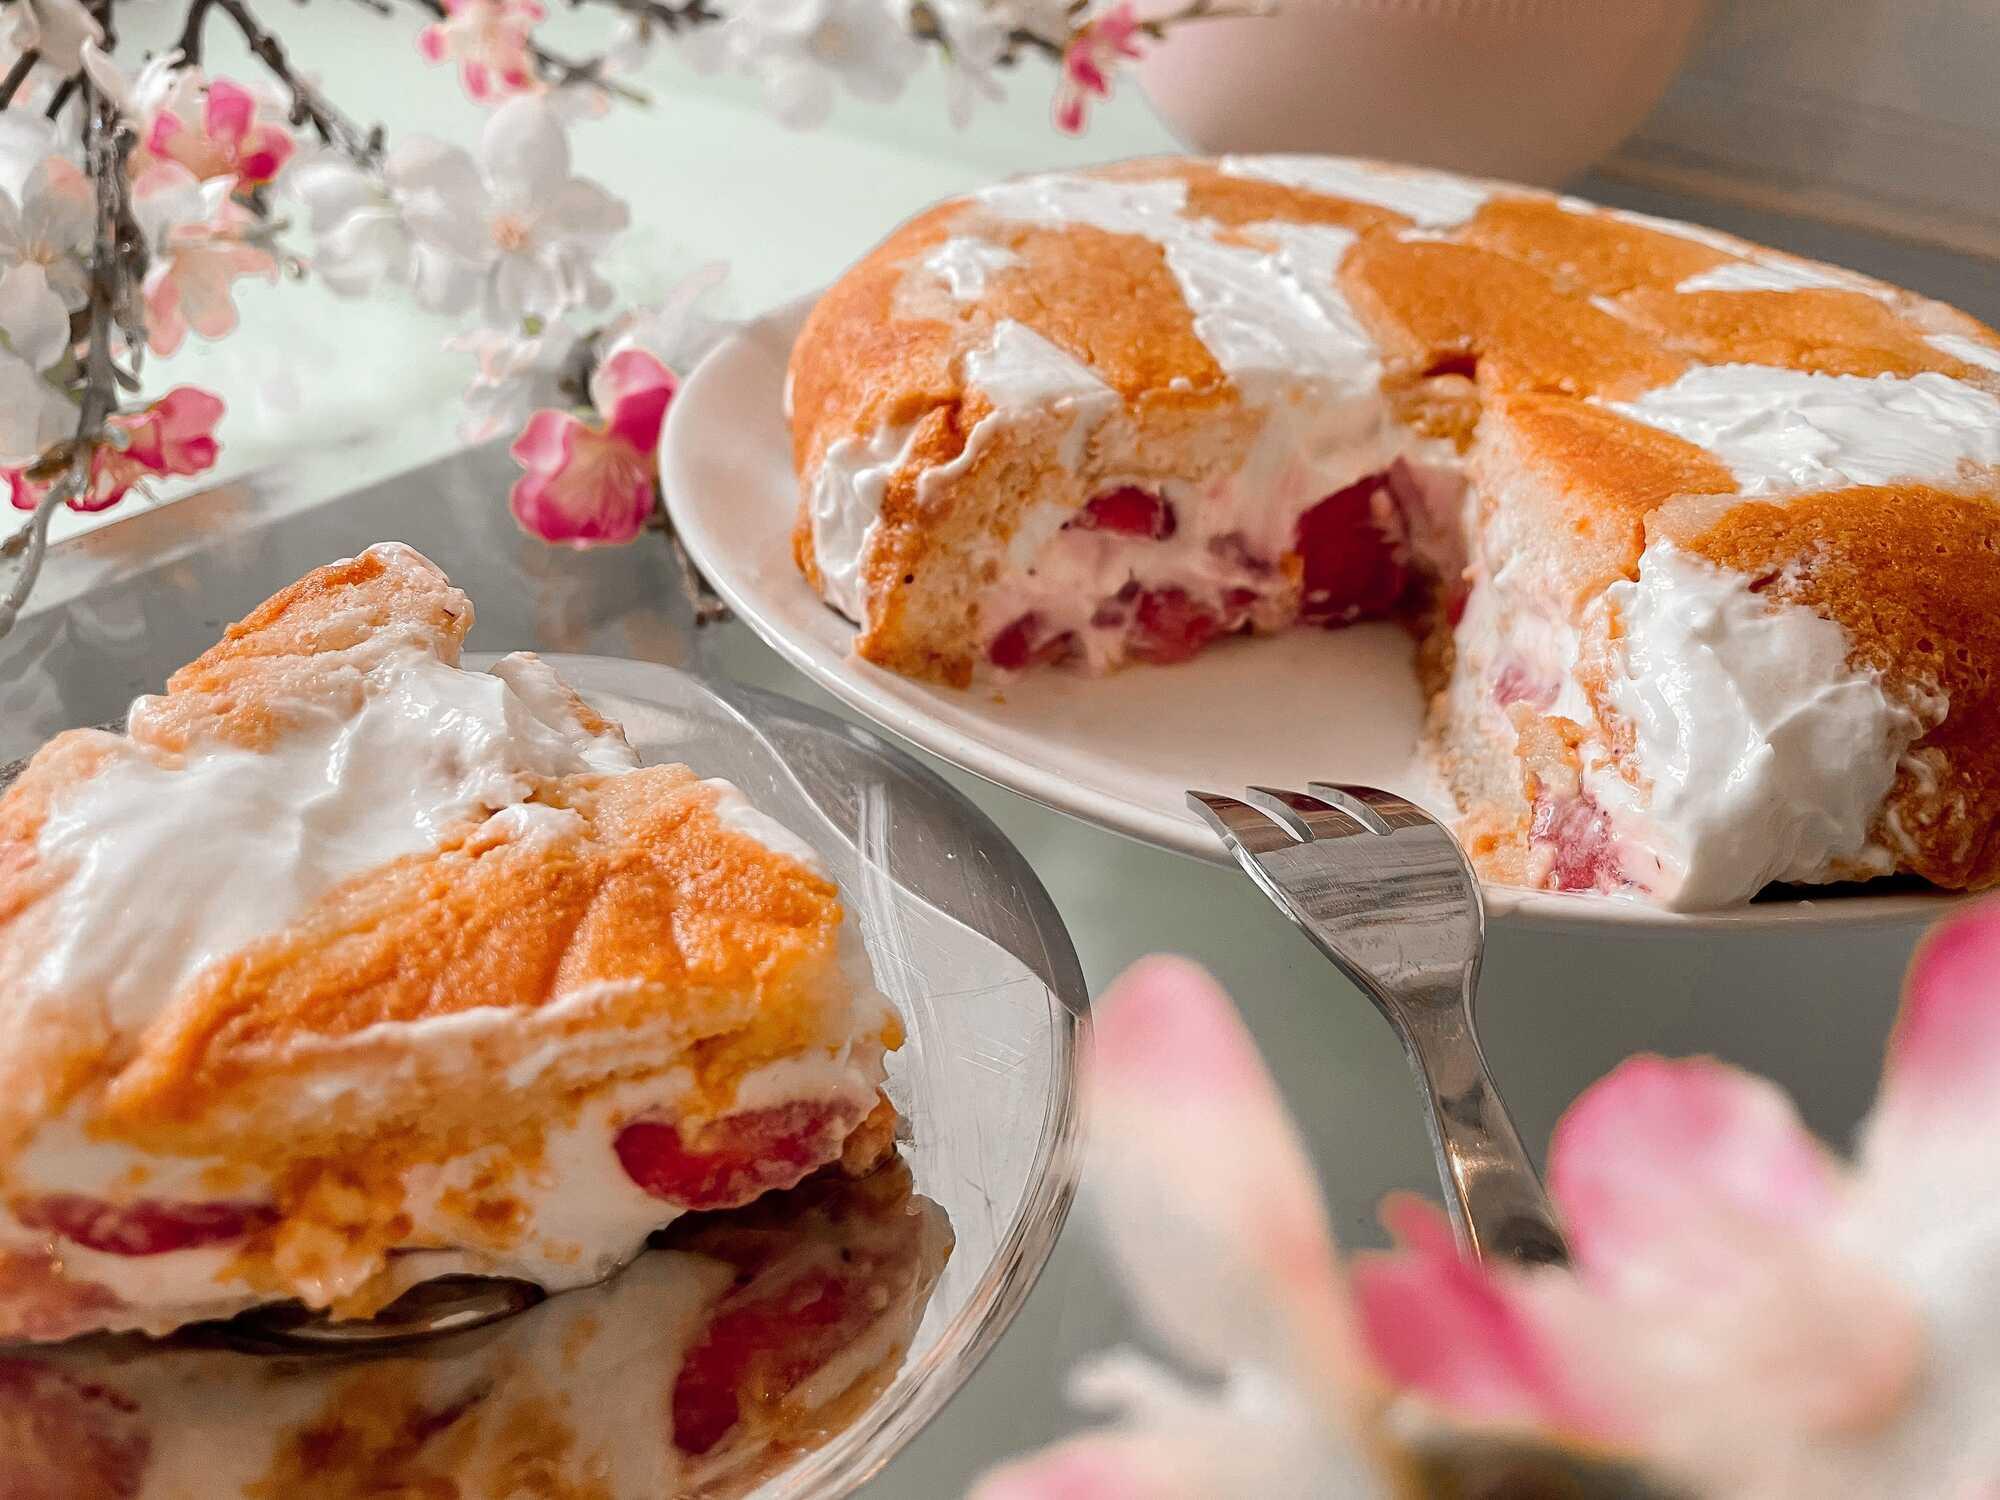 La charlotte aux fraises est présentée sur une assiette blanche en arrière plan et au premier plan il y a une part découpée.